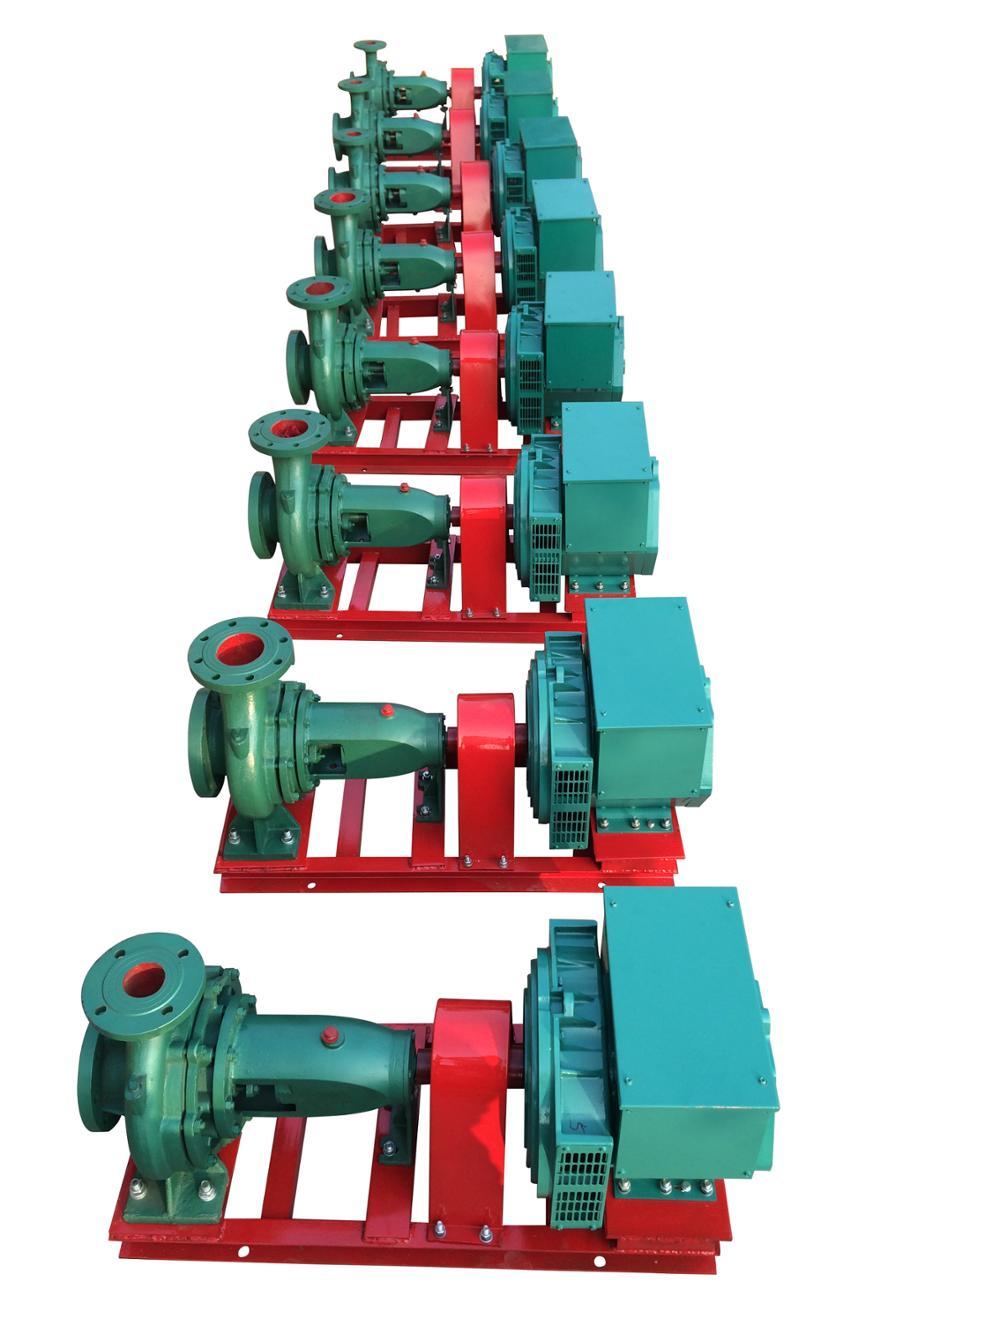 Бесщеточный индукционный радиальный турбинный генератор мощностью 30 кВт, мини-турбинный генератор, маленький гидрогенератор